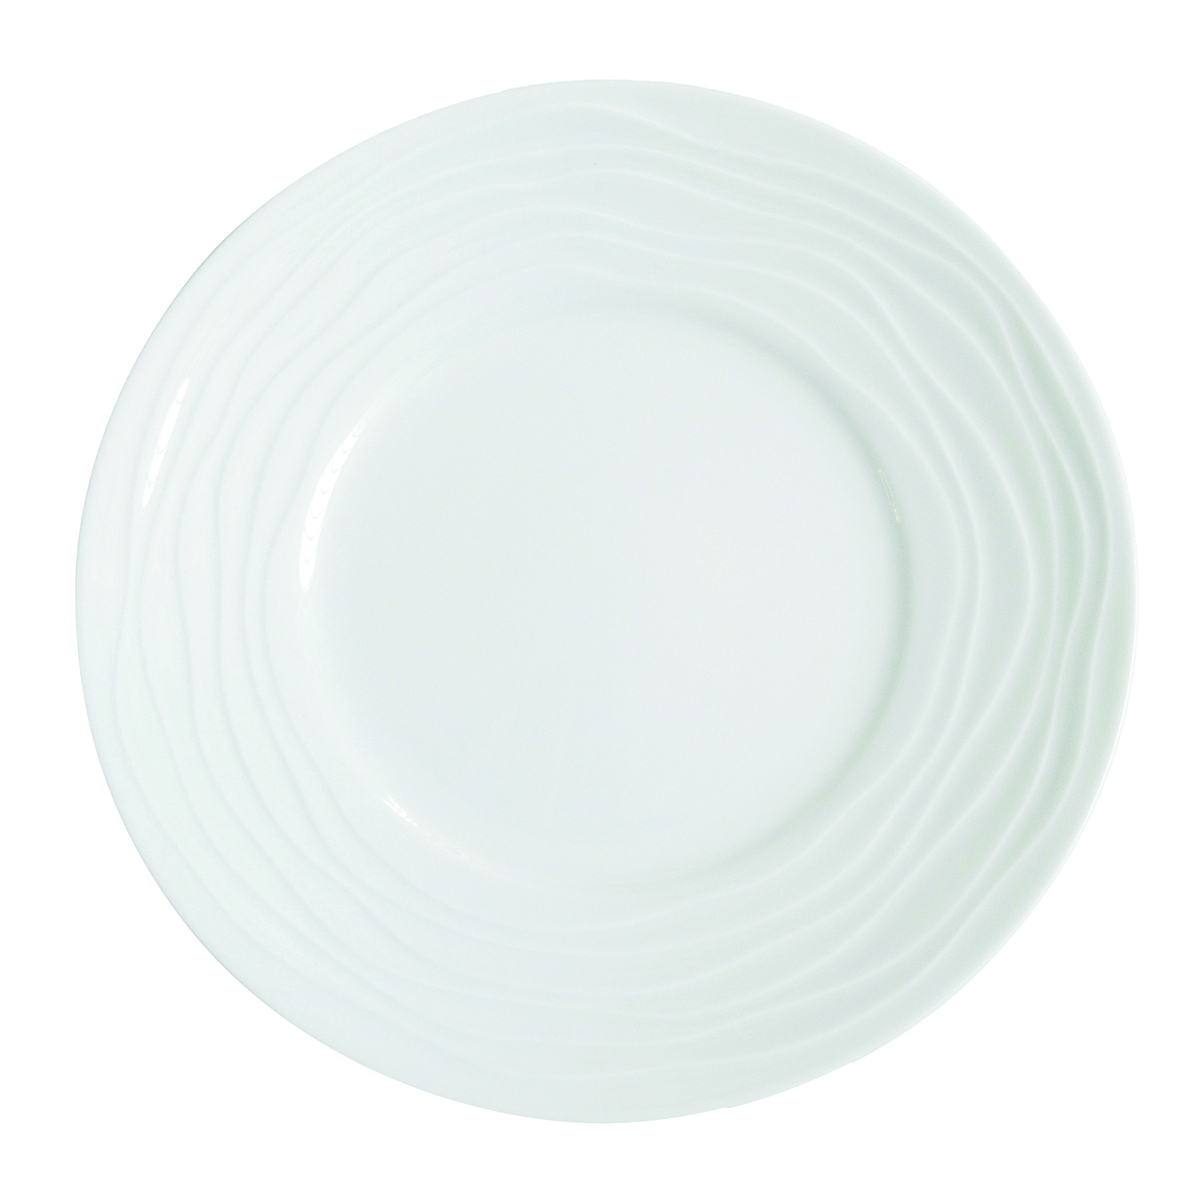 Assiette plate ronde blanc porcelaine Ø 21,50 cm Onde Medard De Noblat